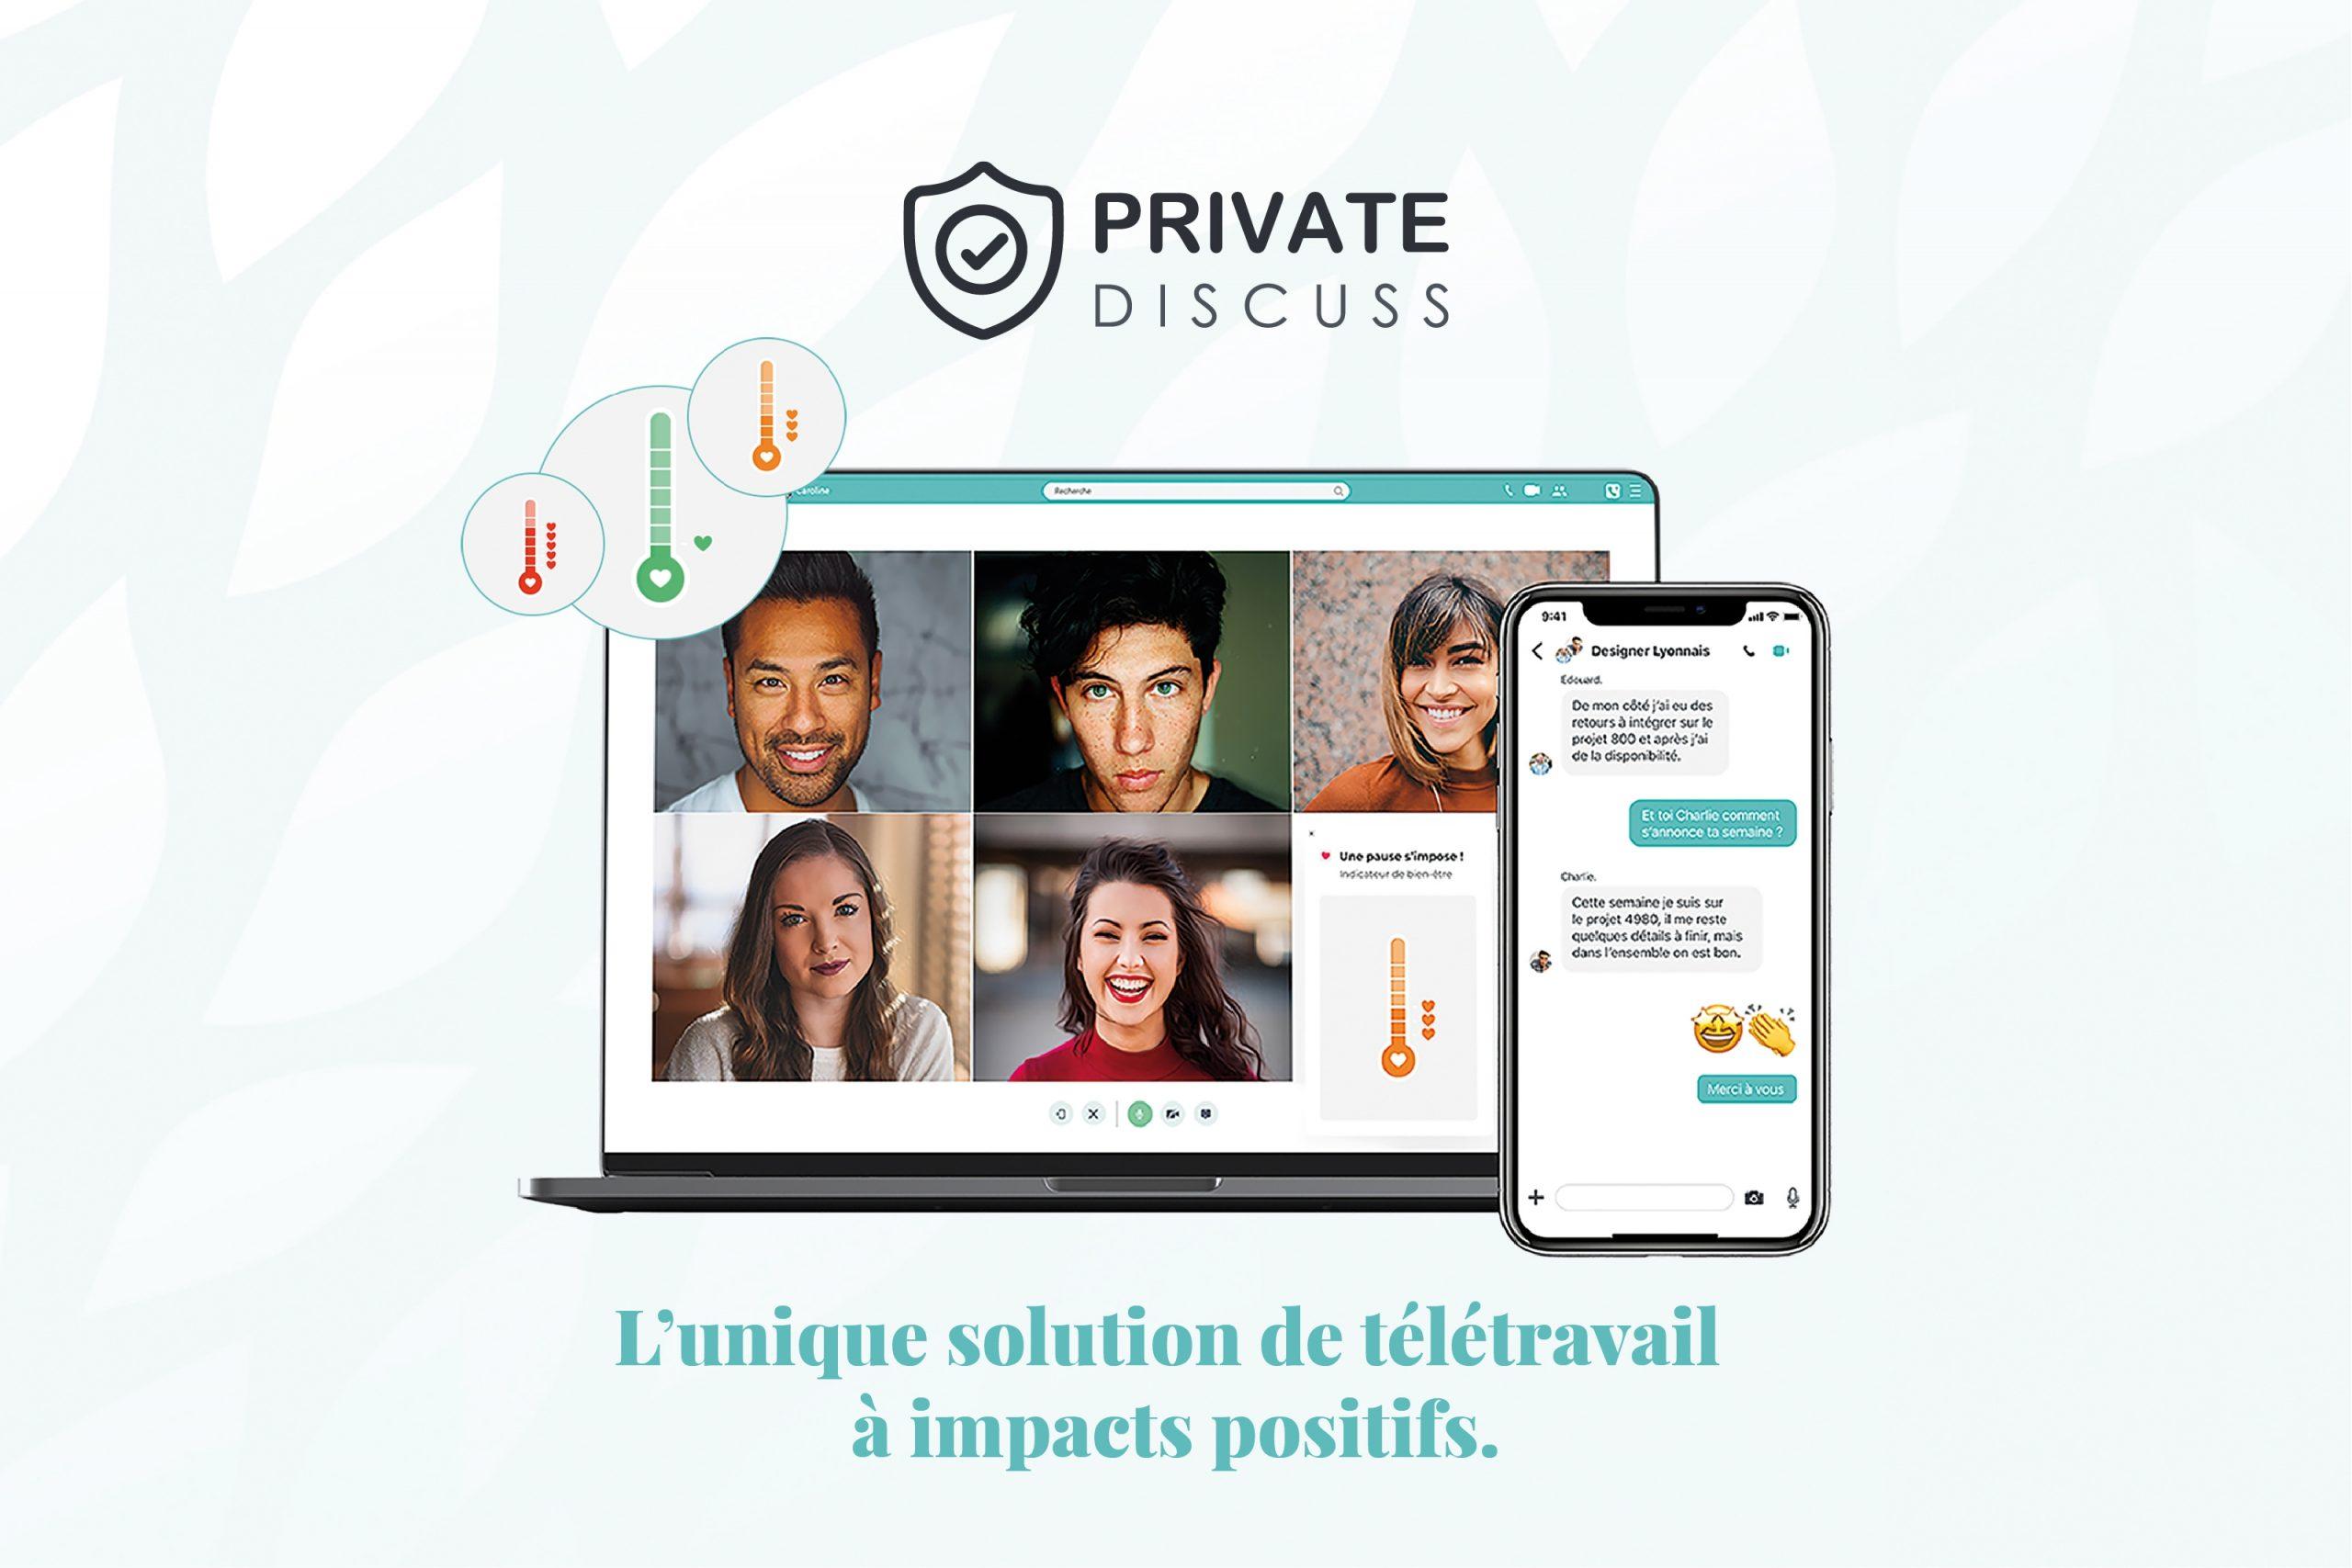 Private Discuss à impacts positifs